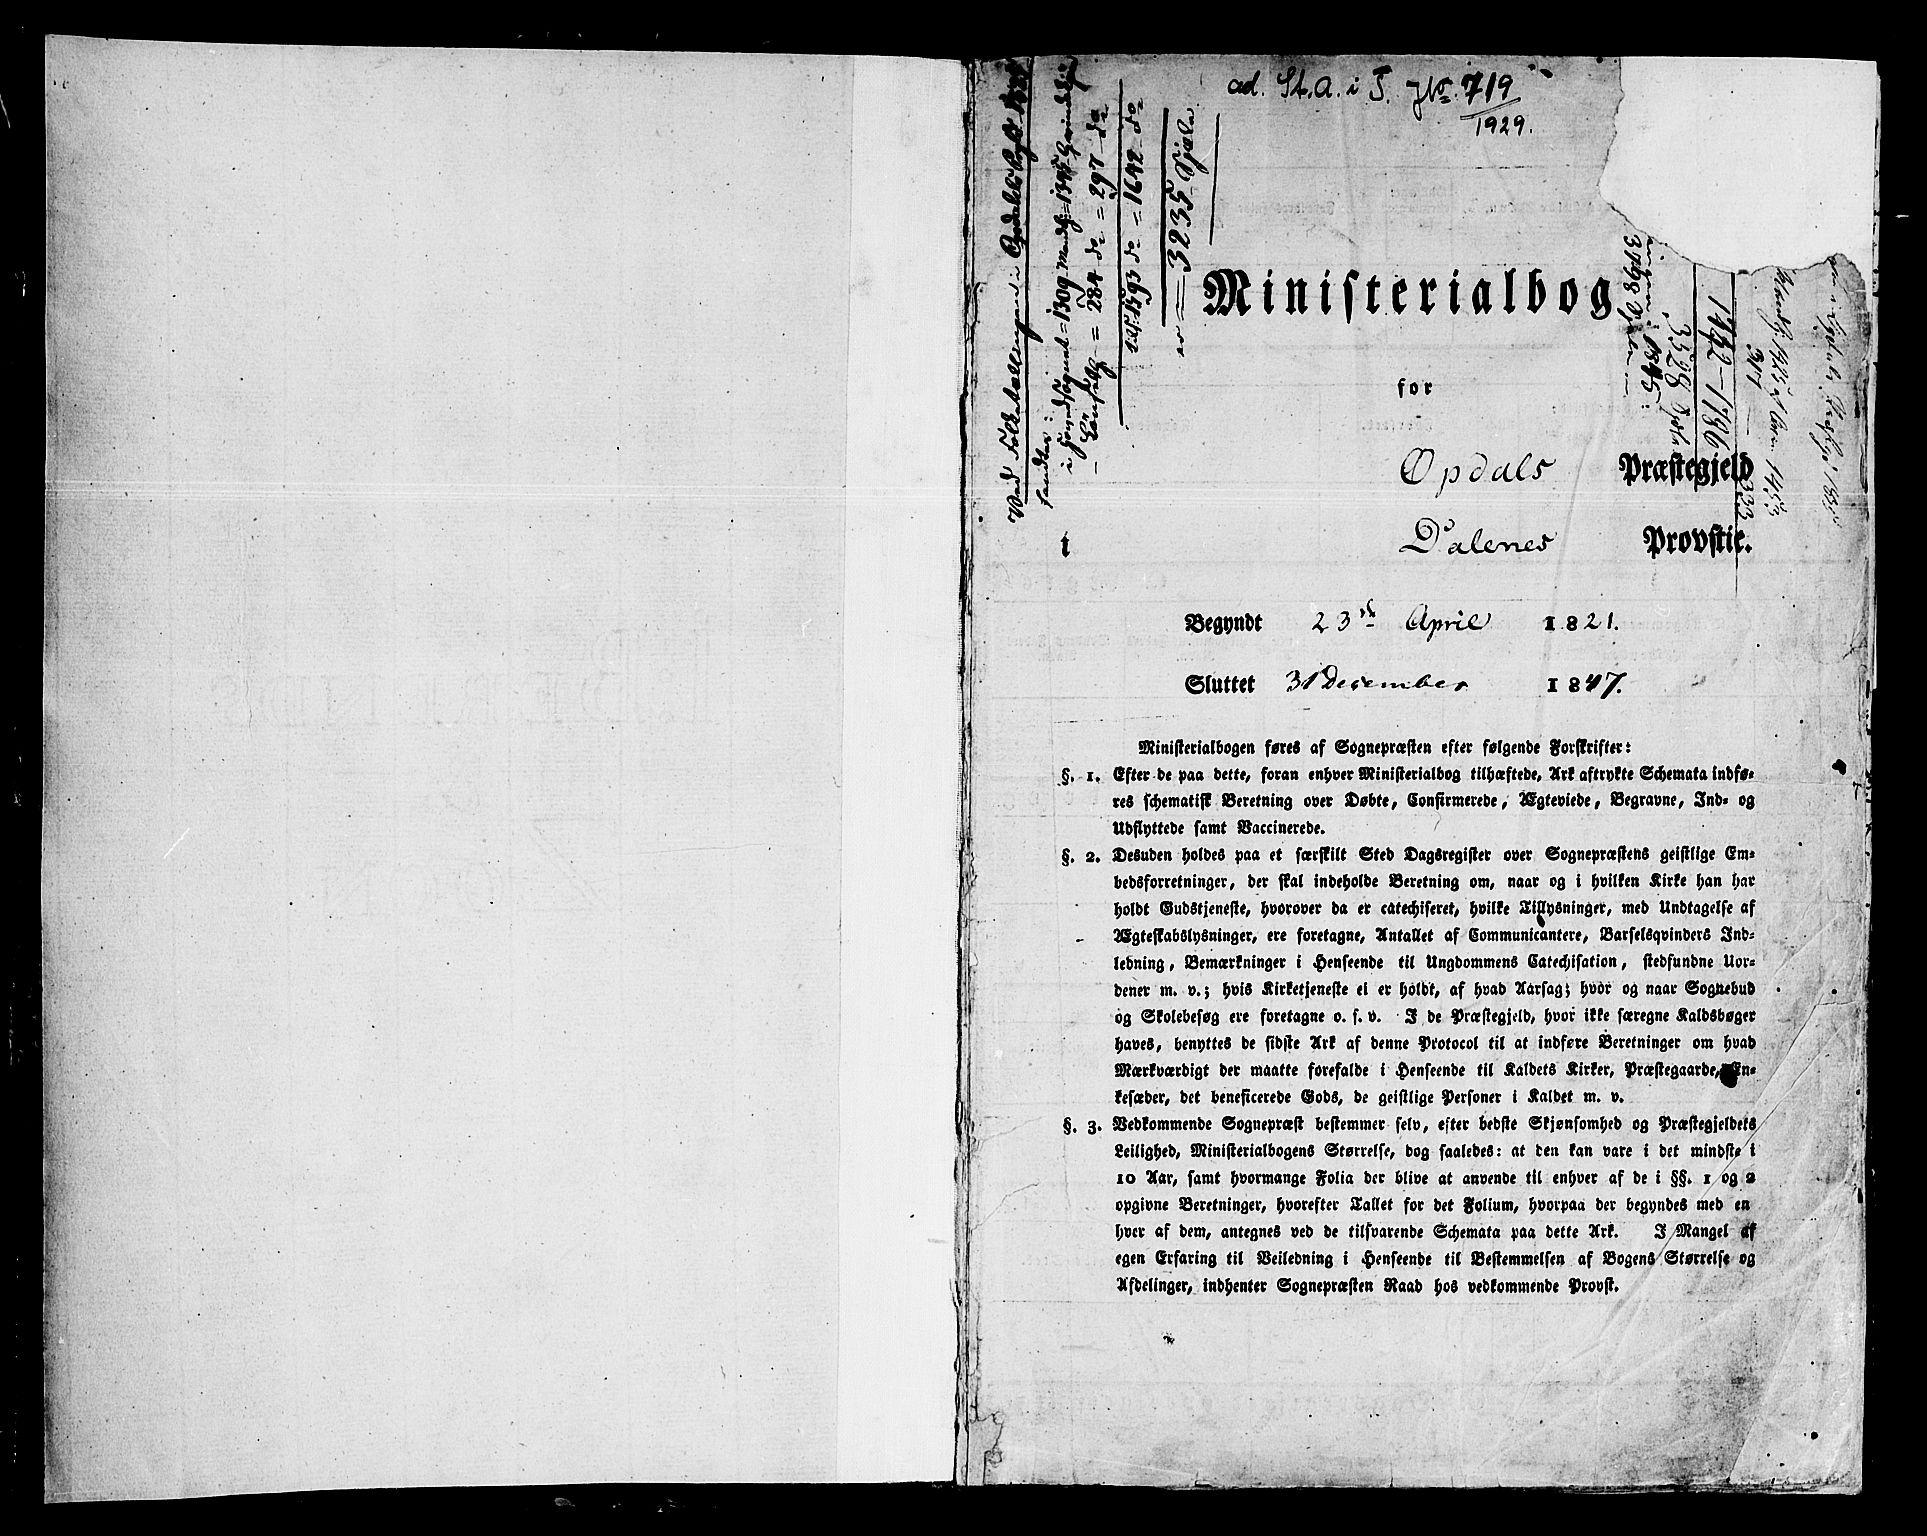 SAT, Ministerialprotokoller, klokkerbøker og fødselsregistre - Sør-Trøndelag, 678/L0897: Ministerialbok nr. 678A06-07, 1821-1847